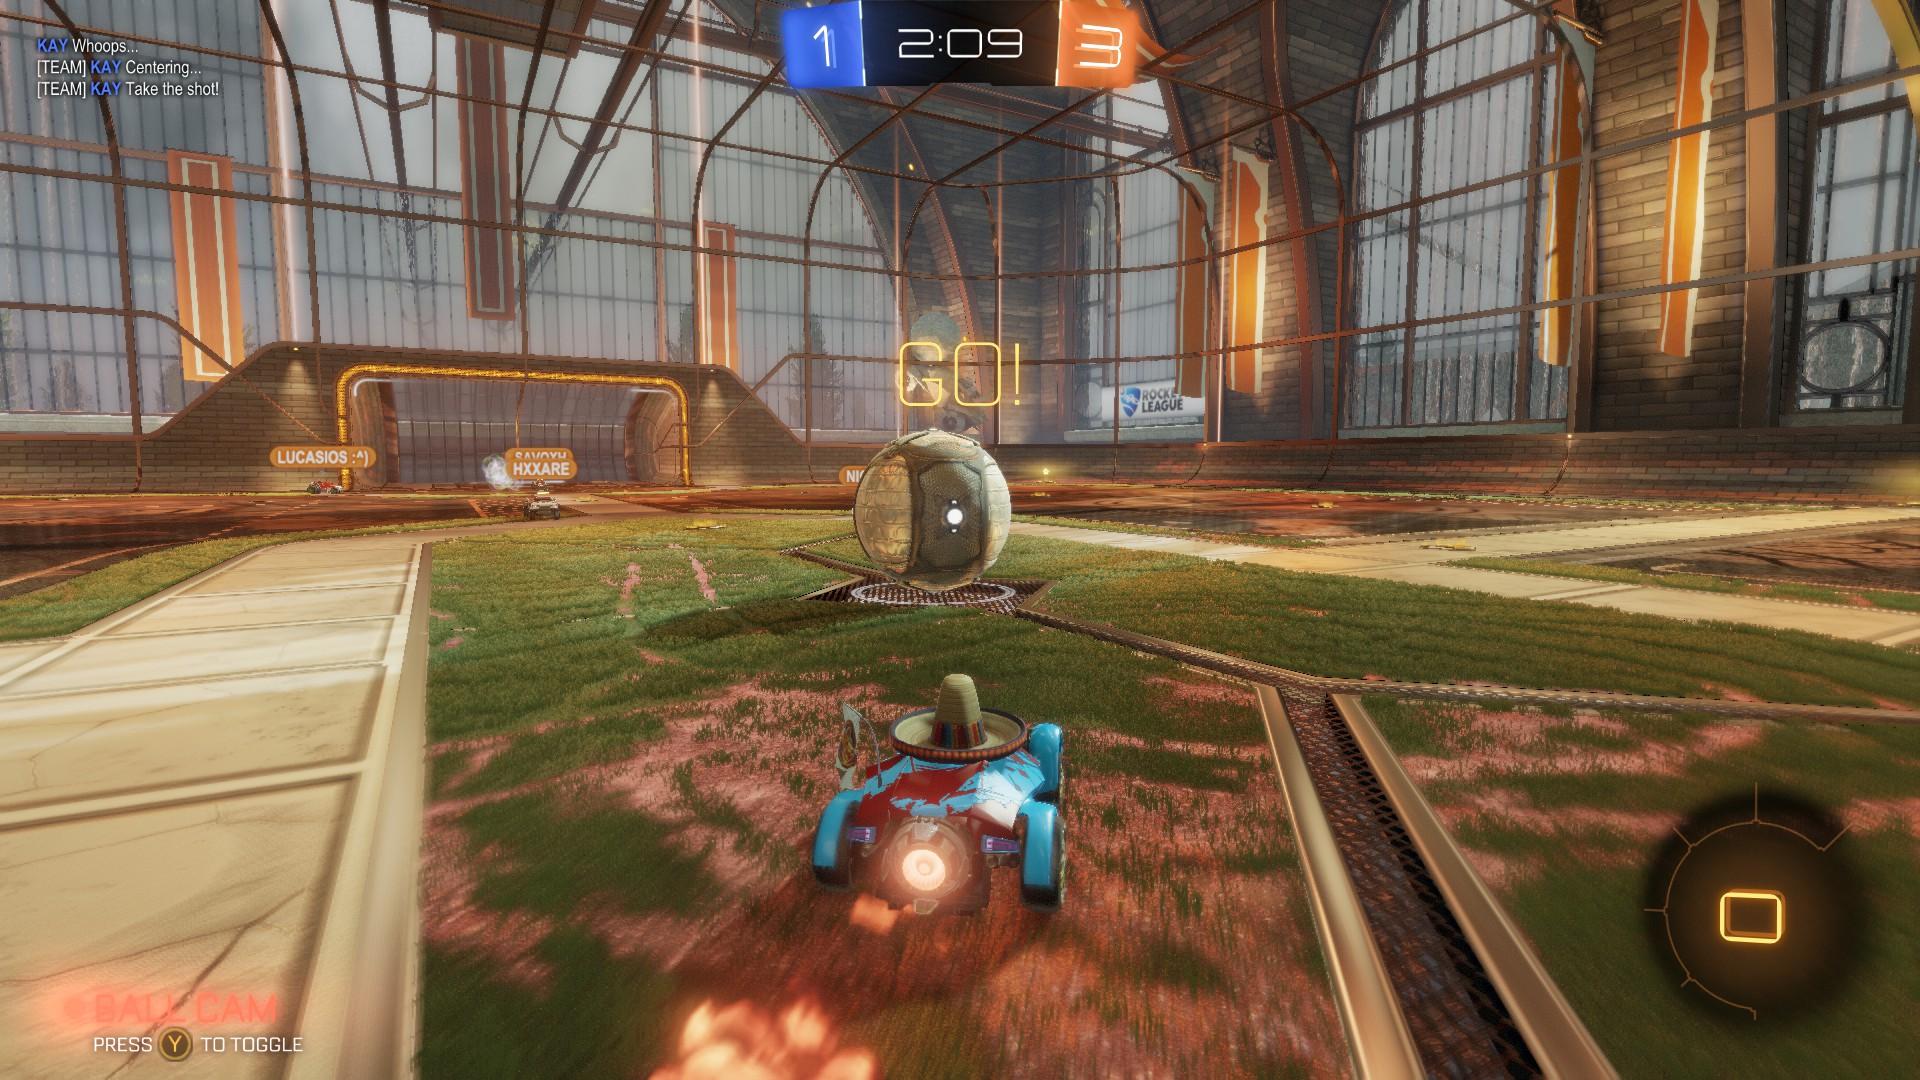 Rocket League_pic3